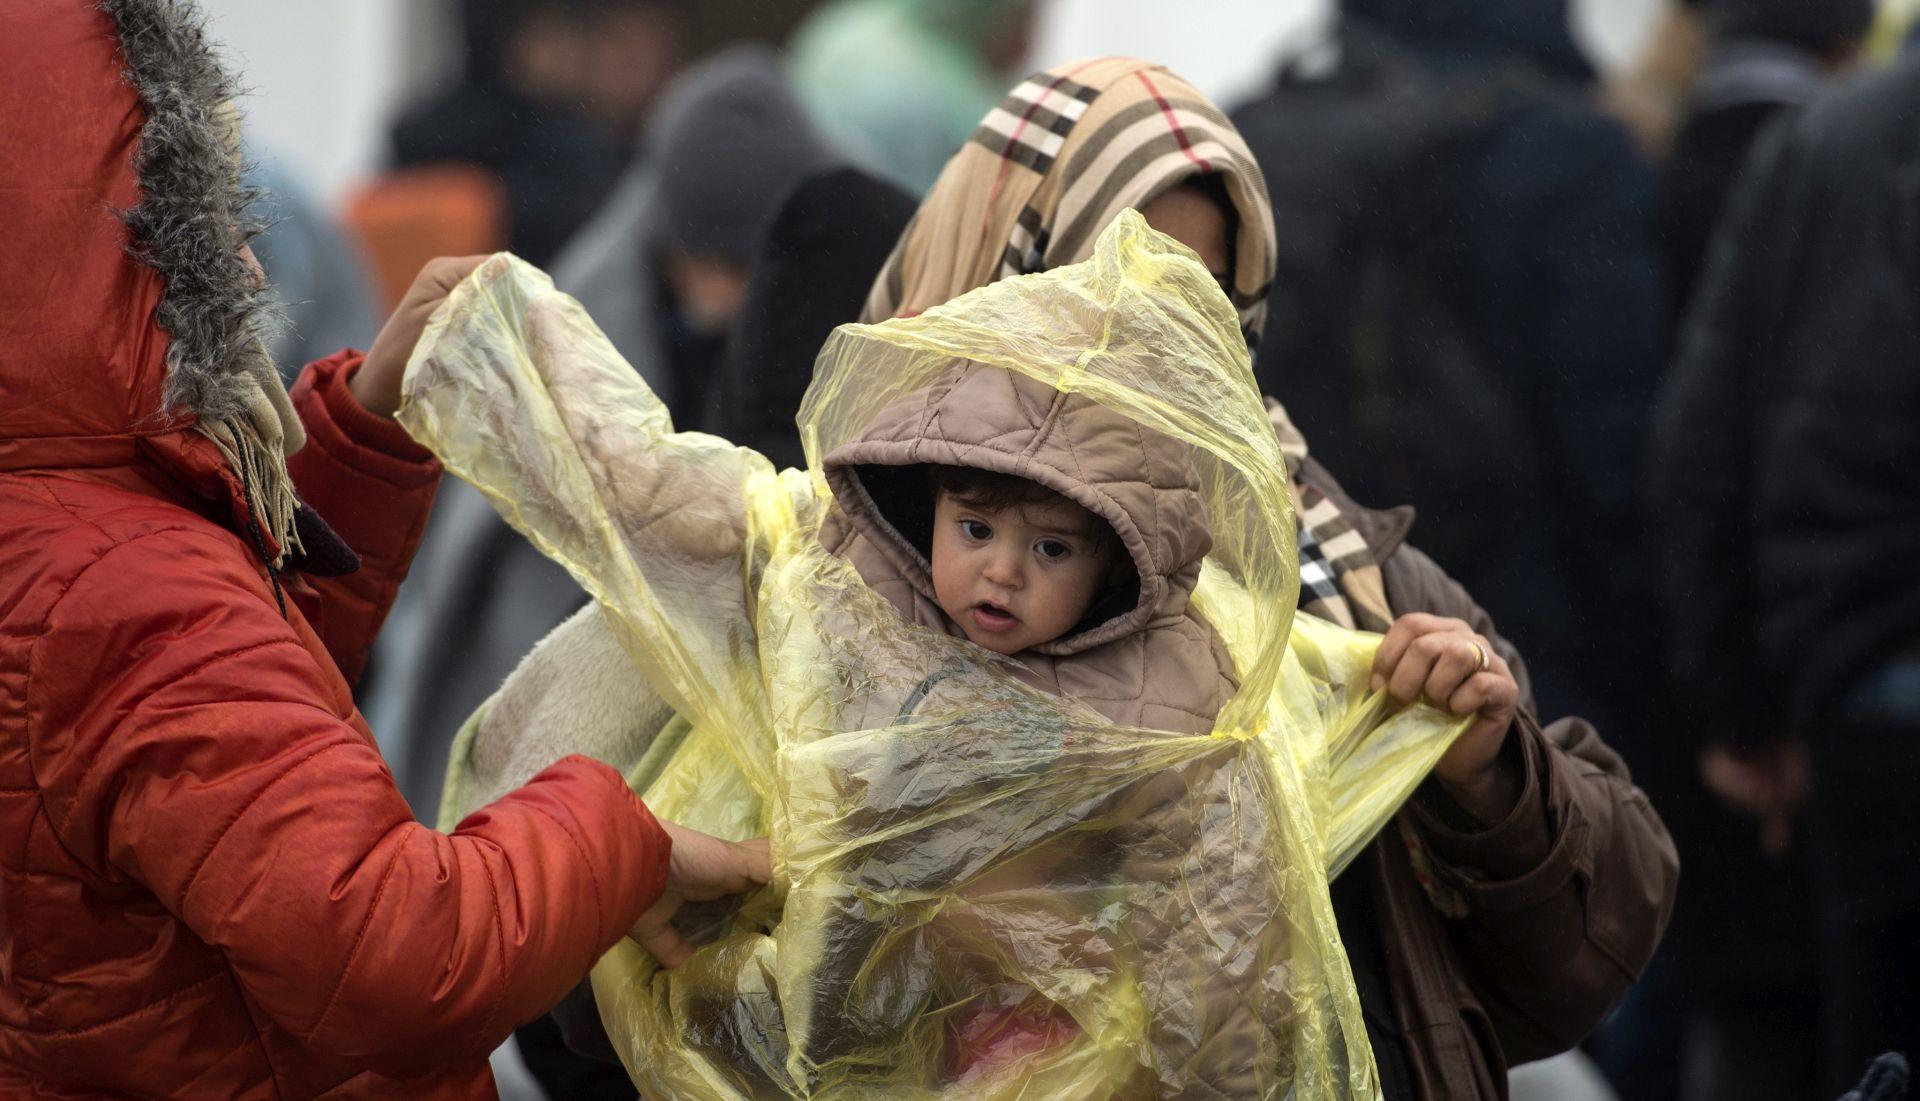 'STANJE JE OČAJNO' UNICEF UPOZORAVA Hladnoća prijeti djeci izbjeglicama na Balkanu